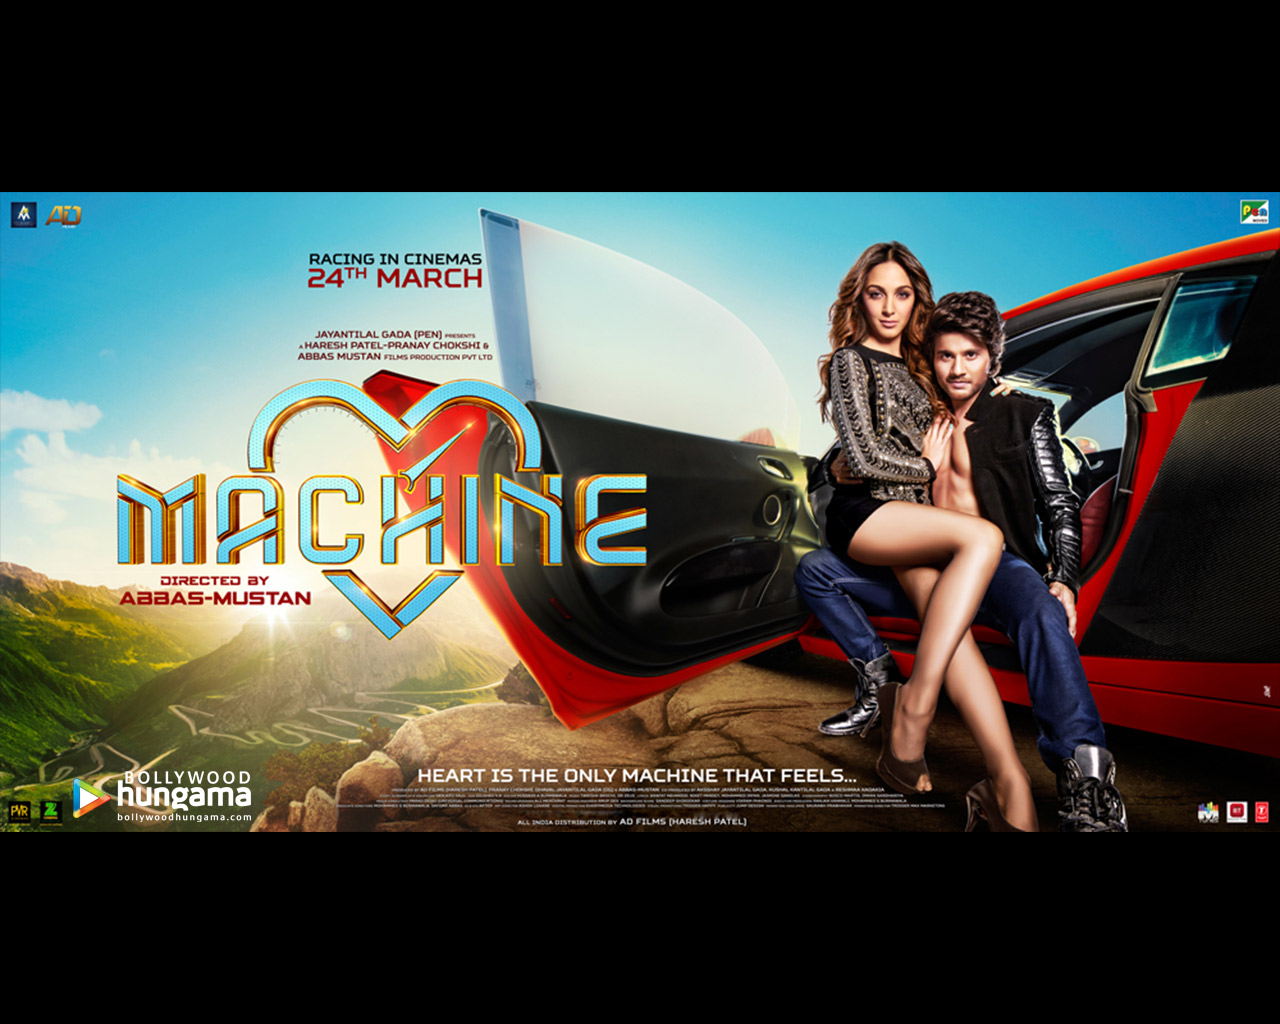 malik ek movie songs pk